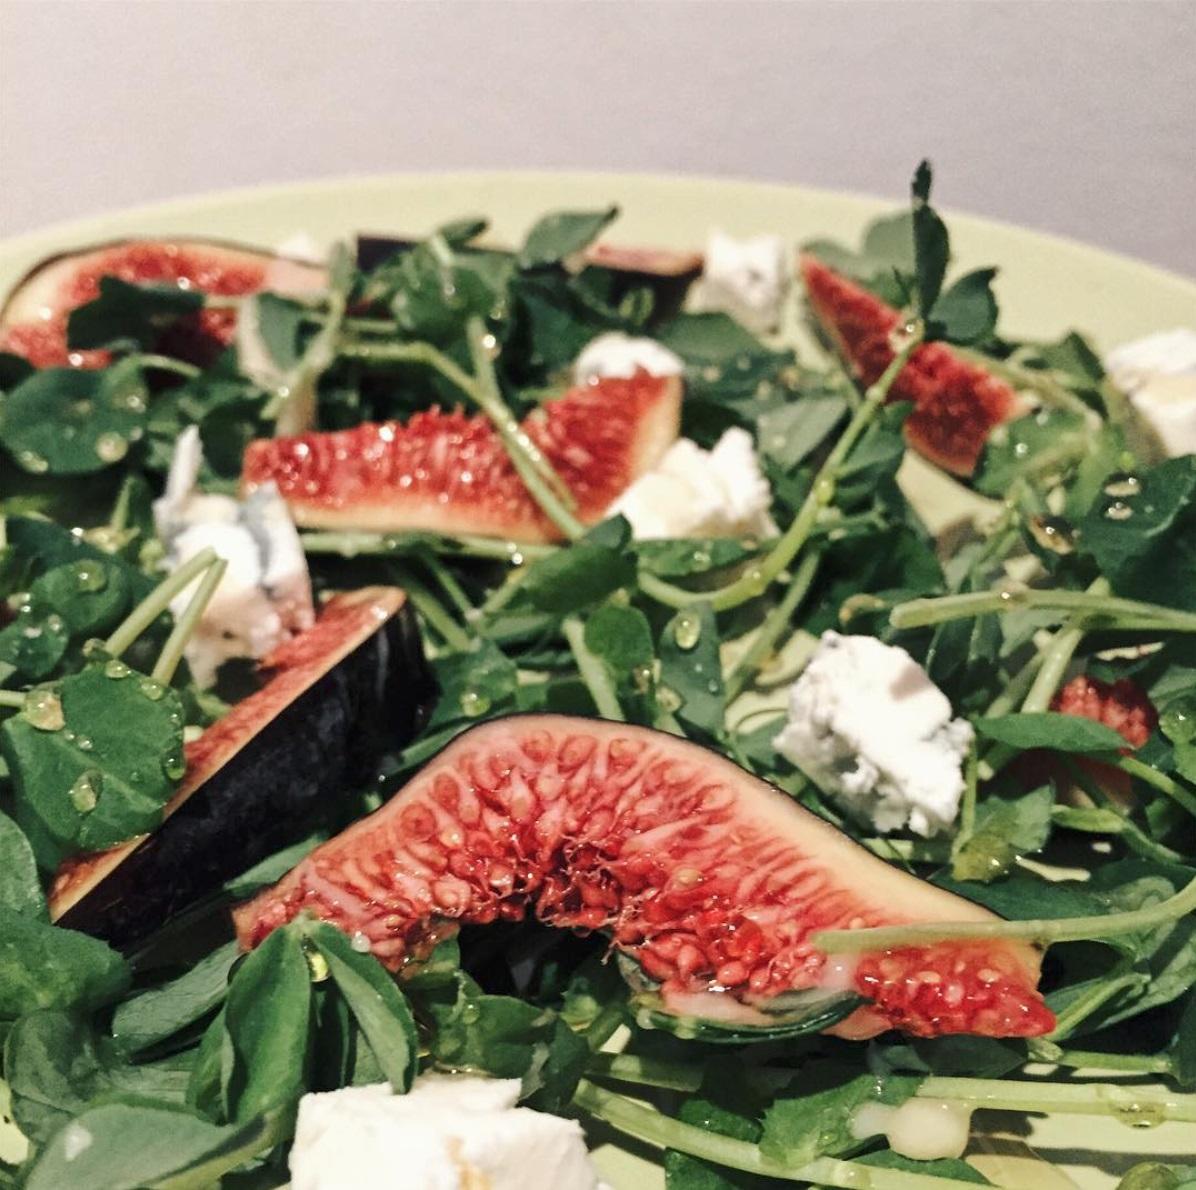 Vasariškos ir lengvos salotos su figomis ir mėlynuoju sūriu. Asmeninio archyvo nuotr.